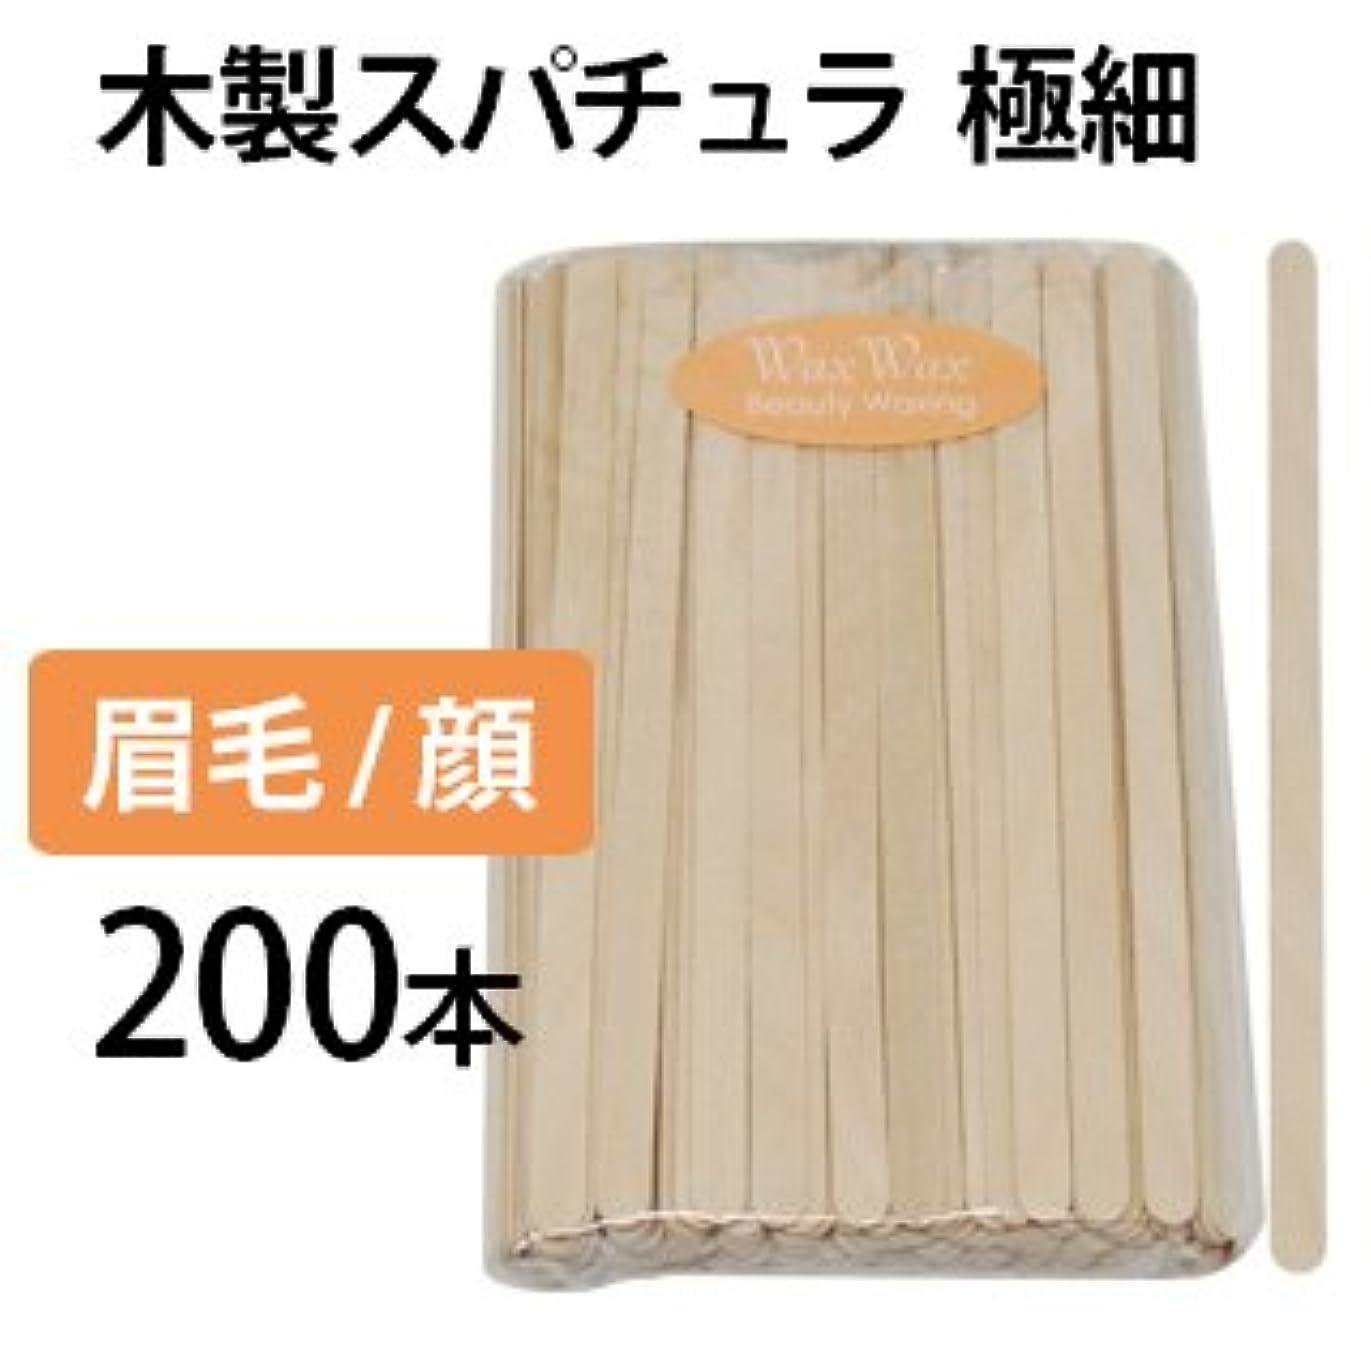 製油所バイバイ努力眉毛 アイブロウ用スパチュラ 200本セット 極細 木製スパチュラ 使い捨て